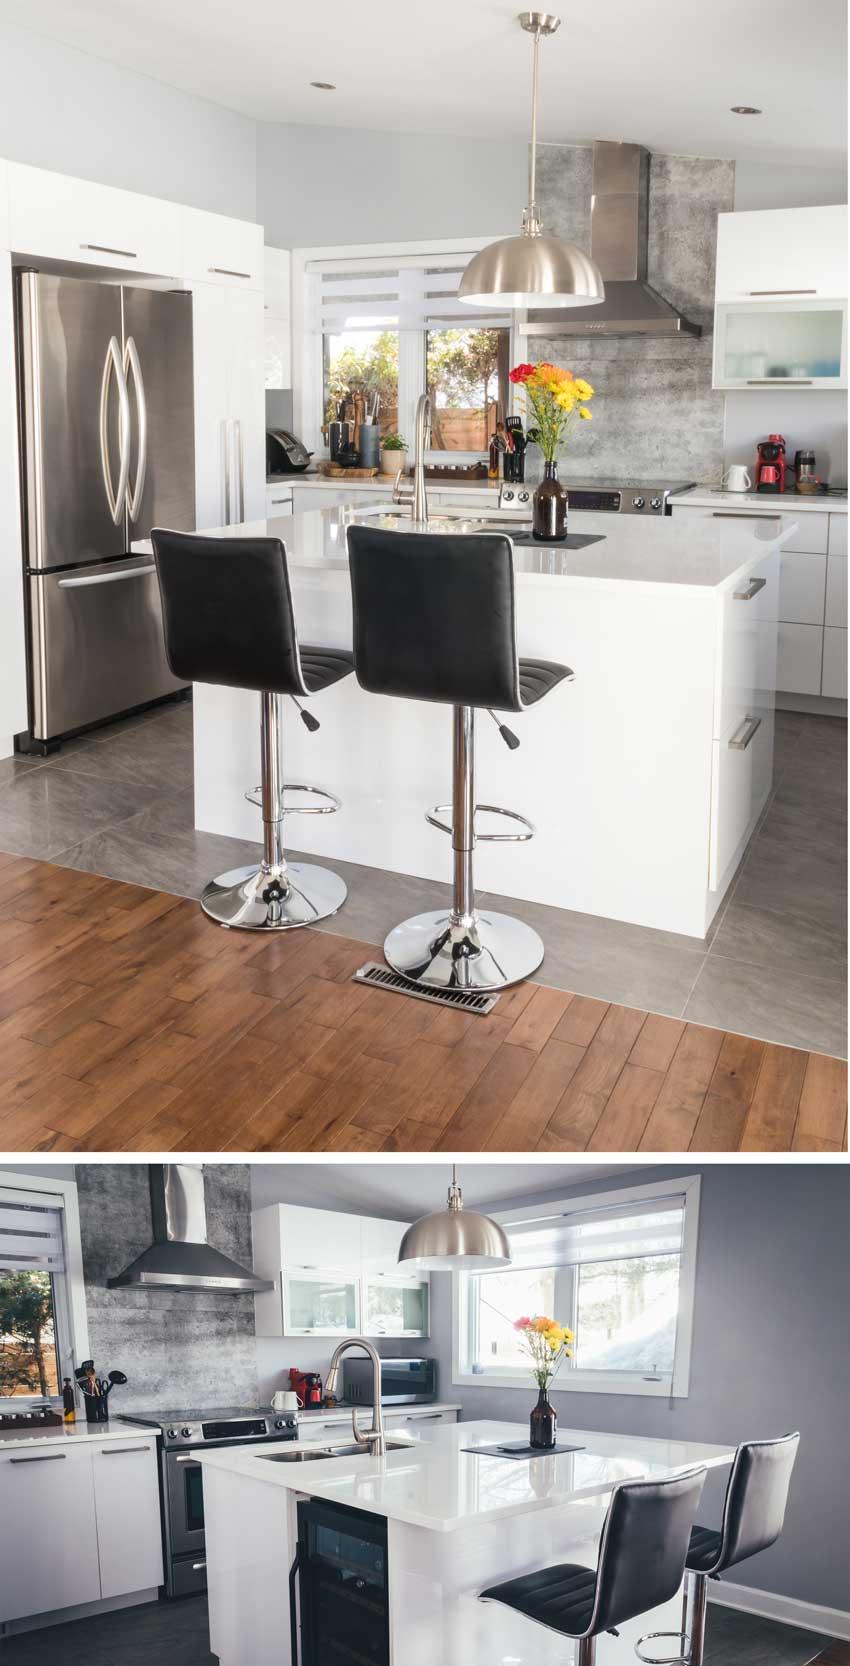 Cucina Piccola Moderna.Le Cucine Con Isola E Penisola Moderne 30 Idee Per Una